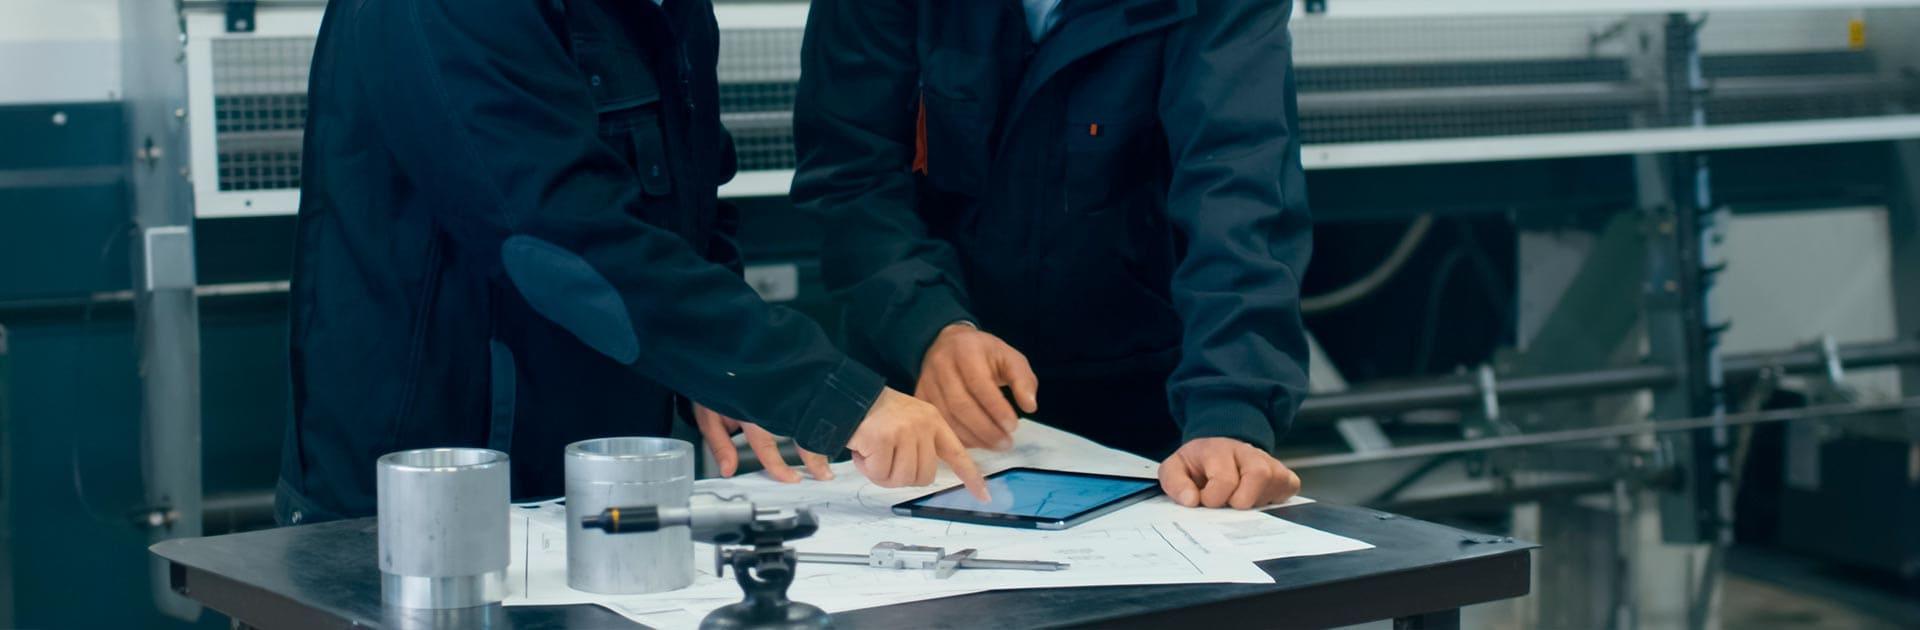 Consultoría del marcado CE de productos